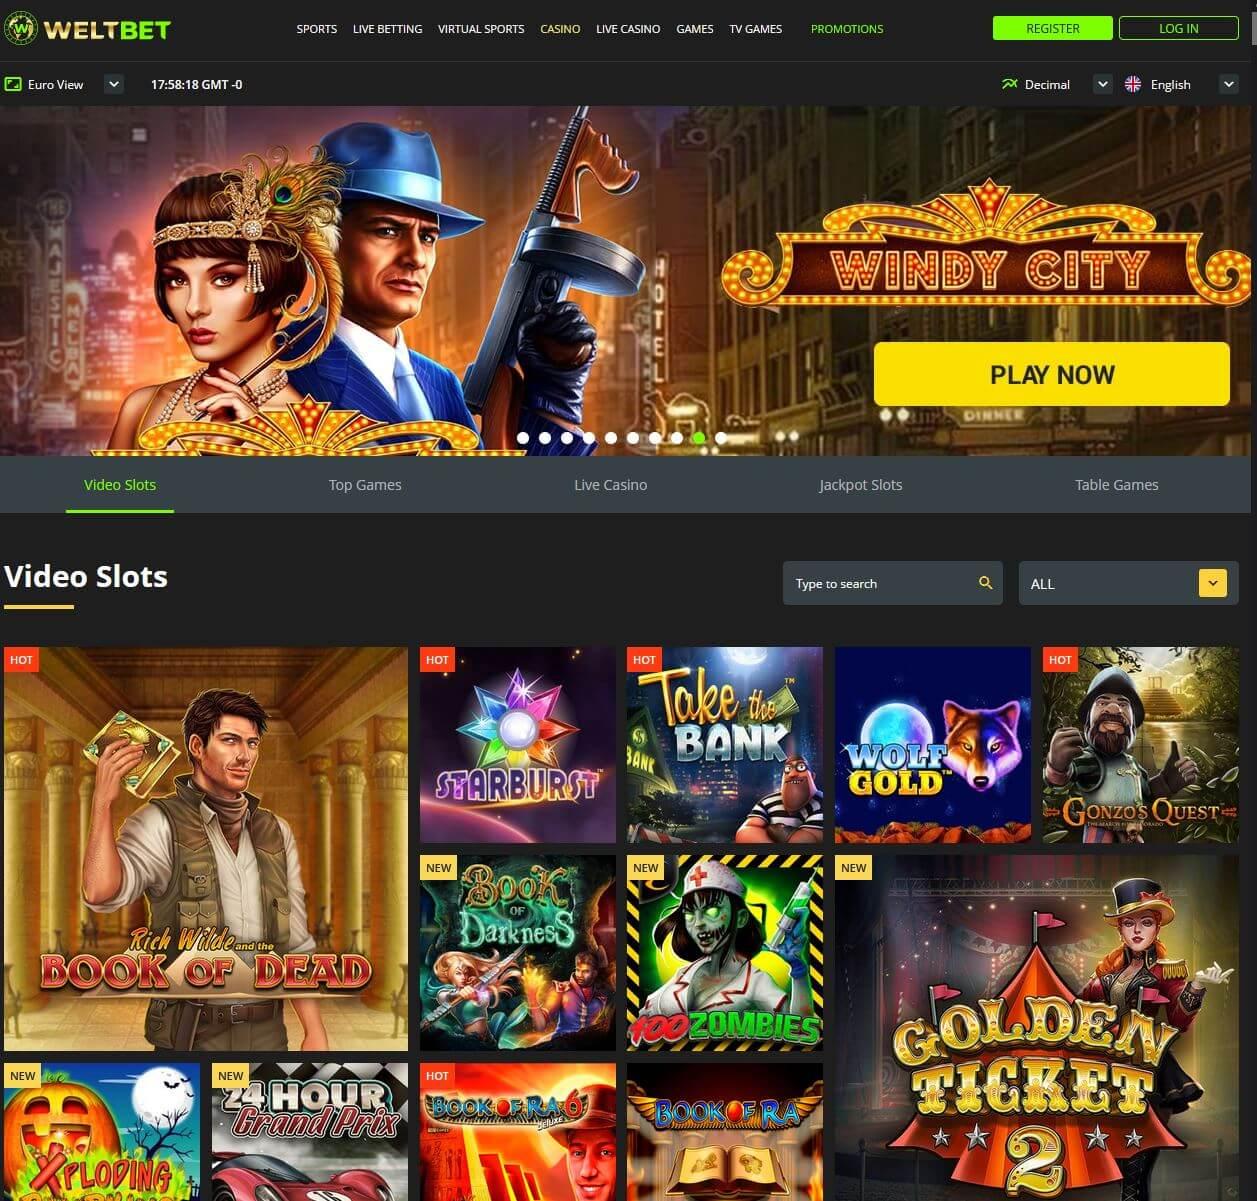 Casino hry v WeltBet